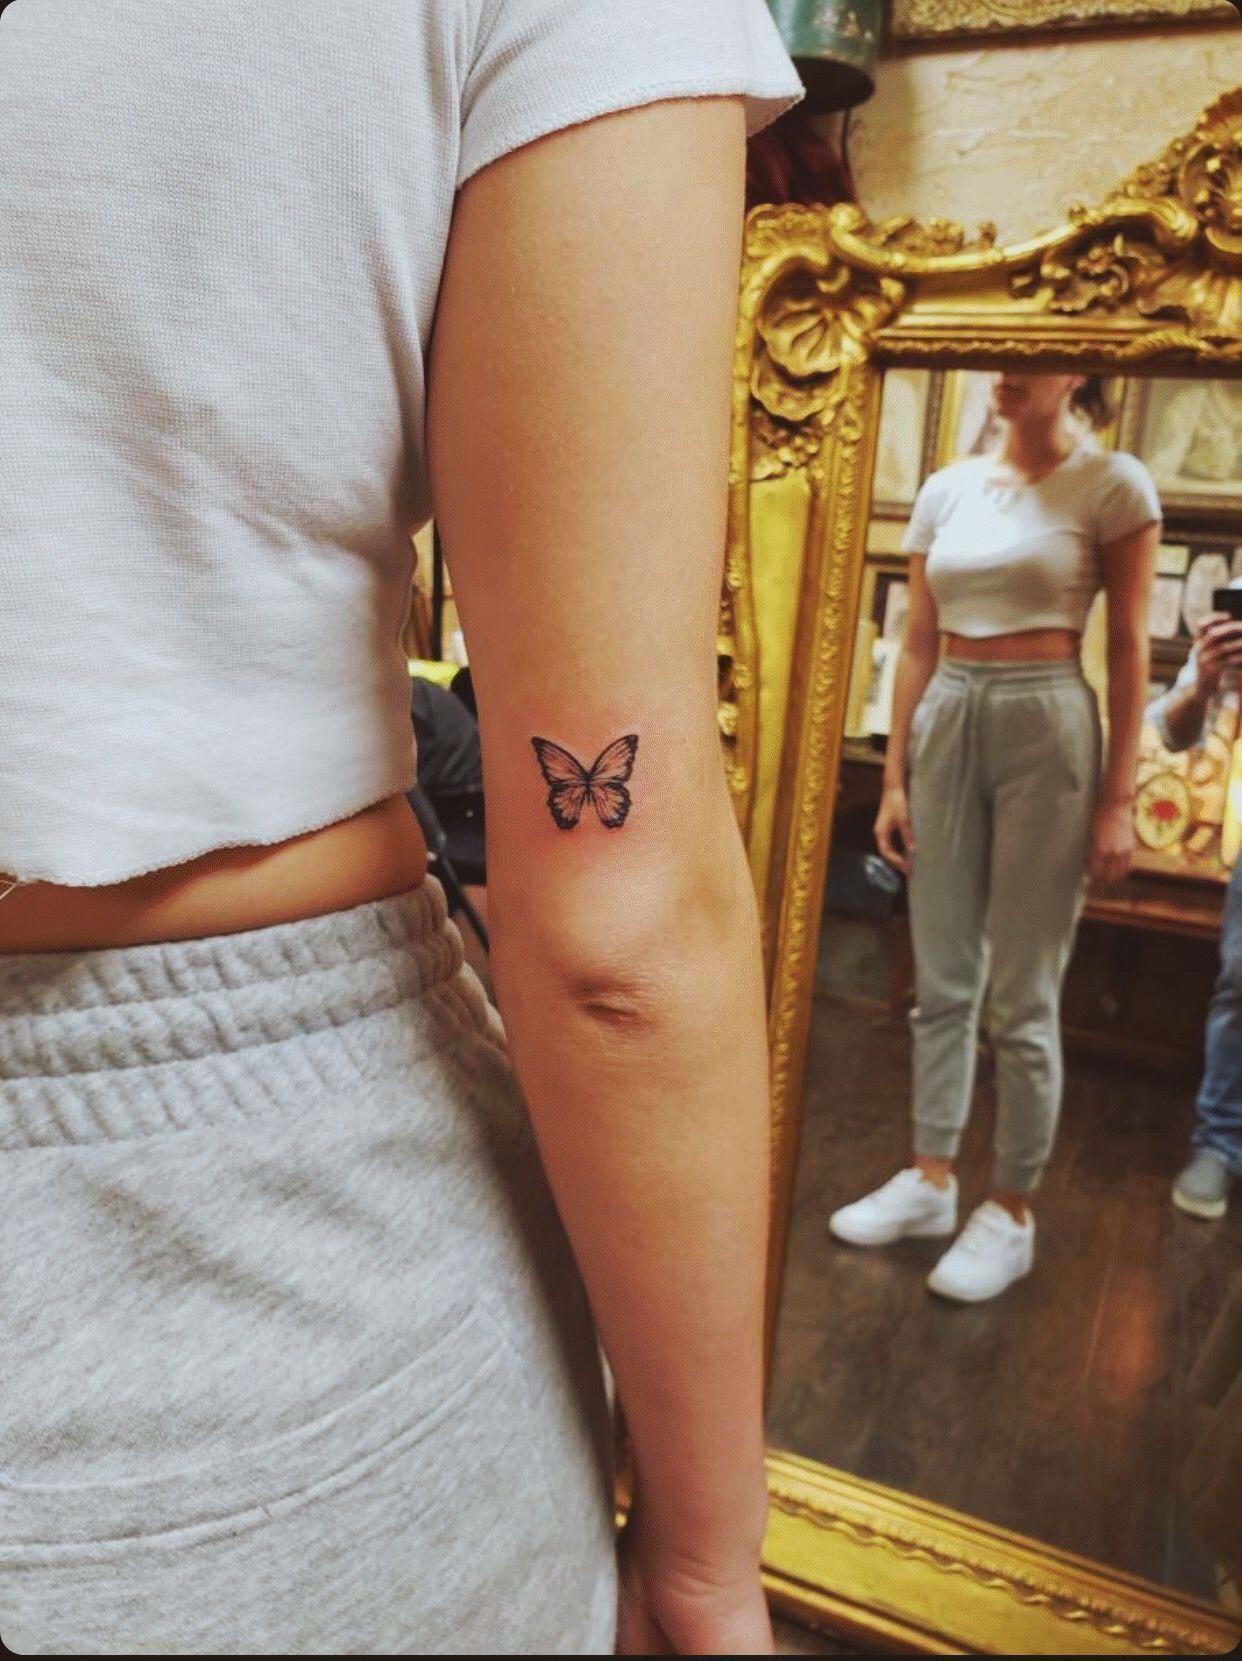 62 Idées tatouage idées épaule femme coverup agréable pour Beau Tattoo 2,019